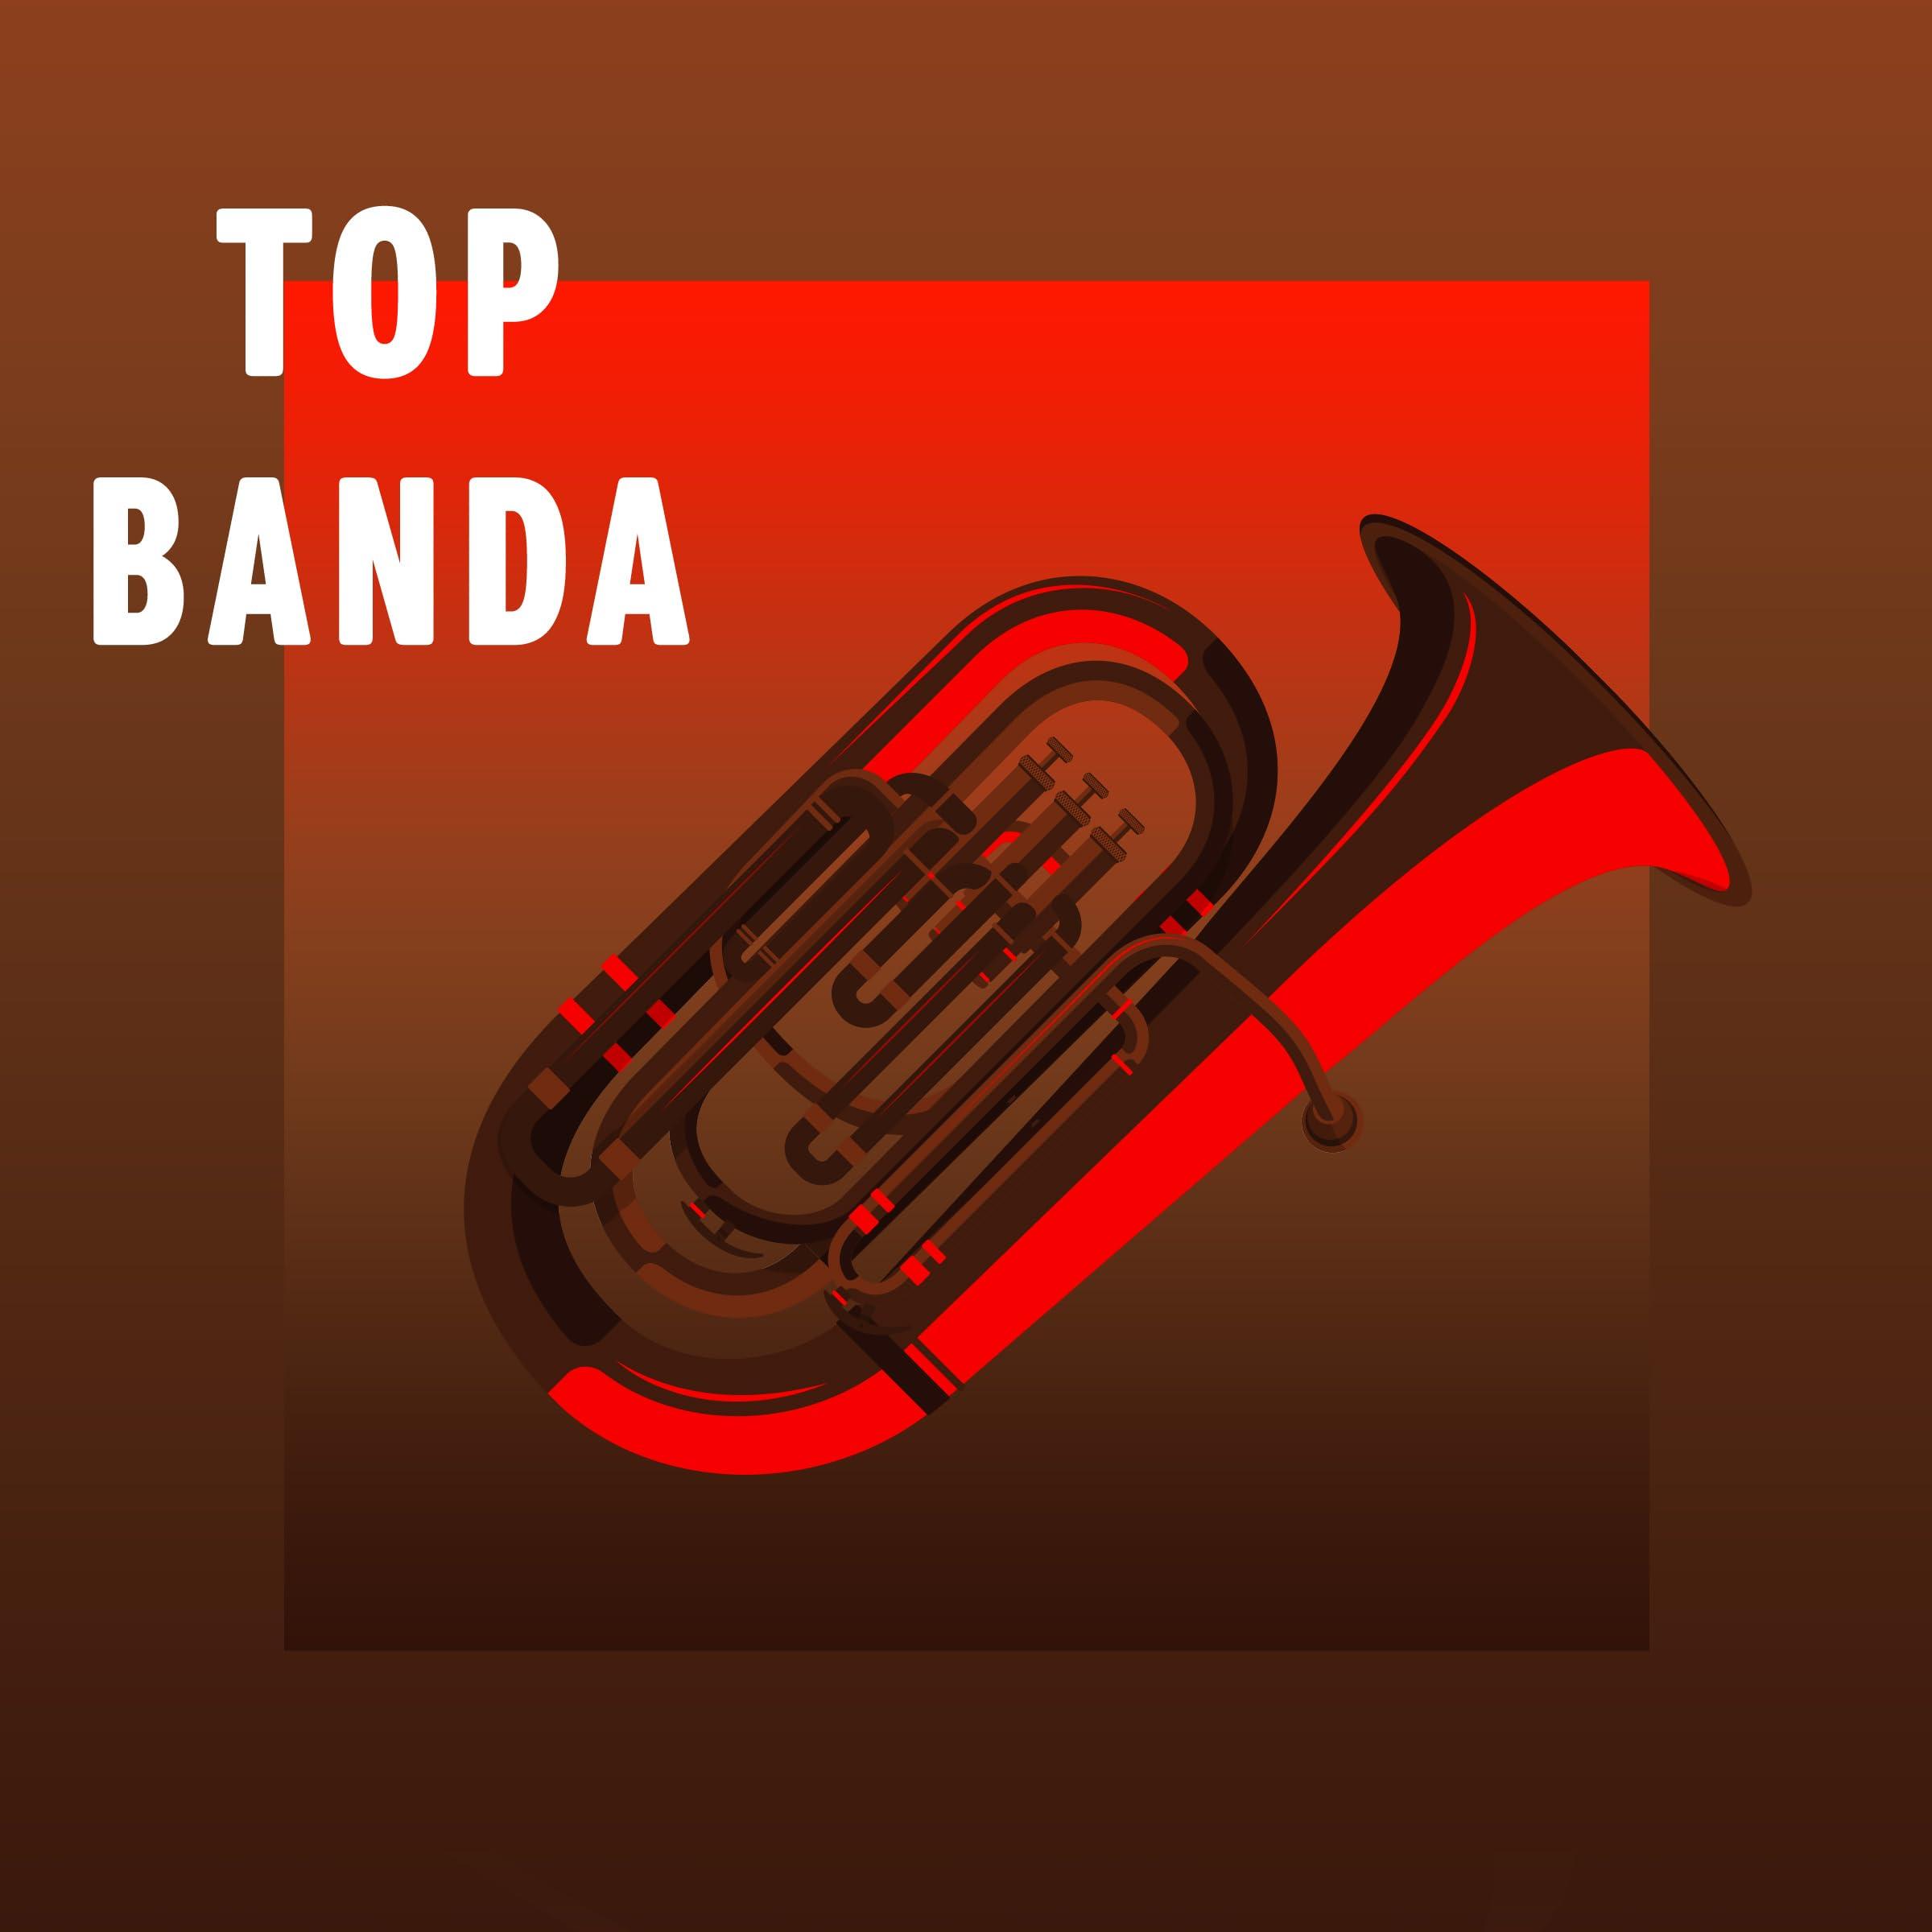 Top Banda